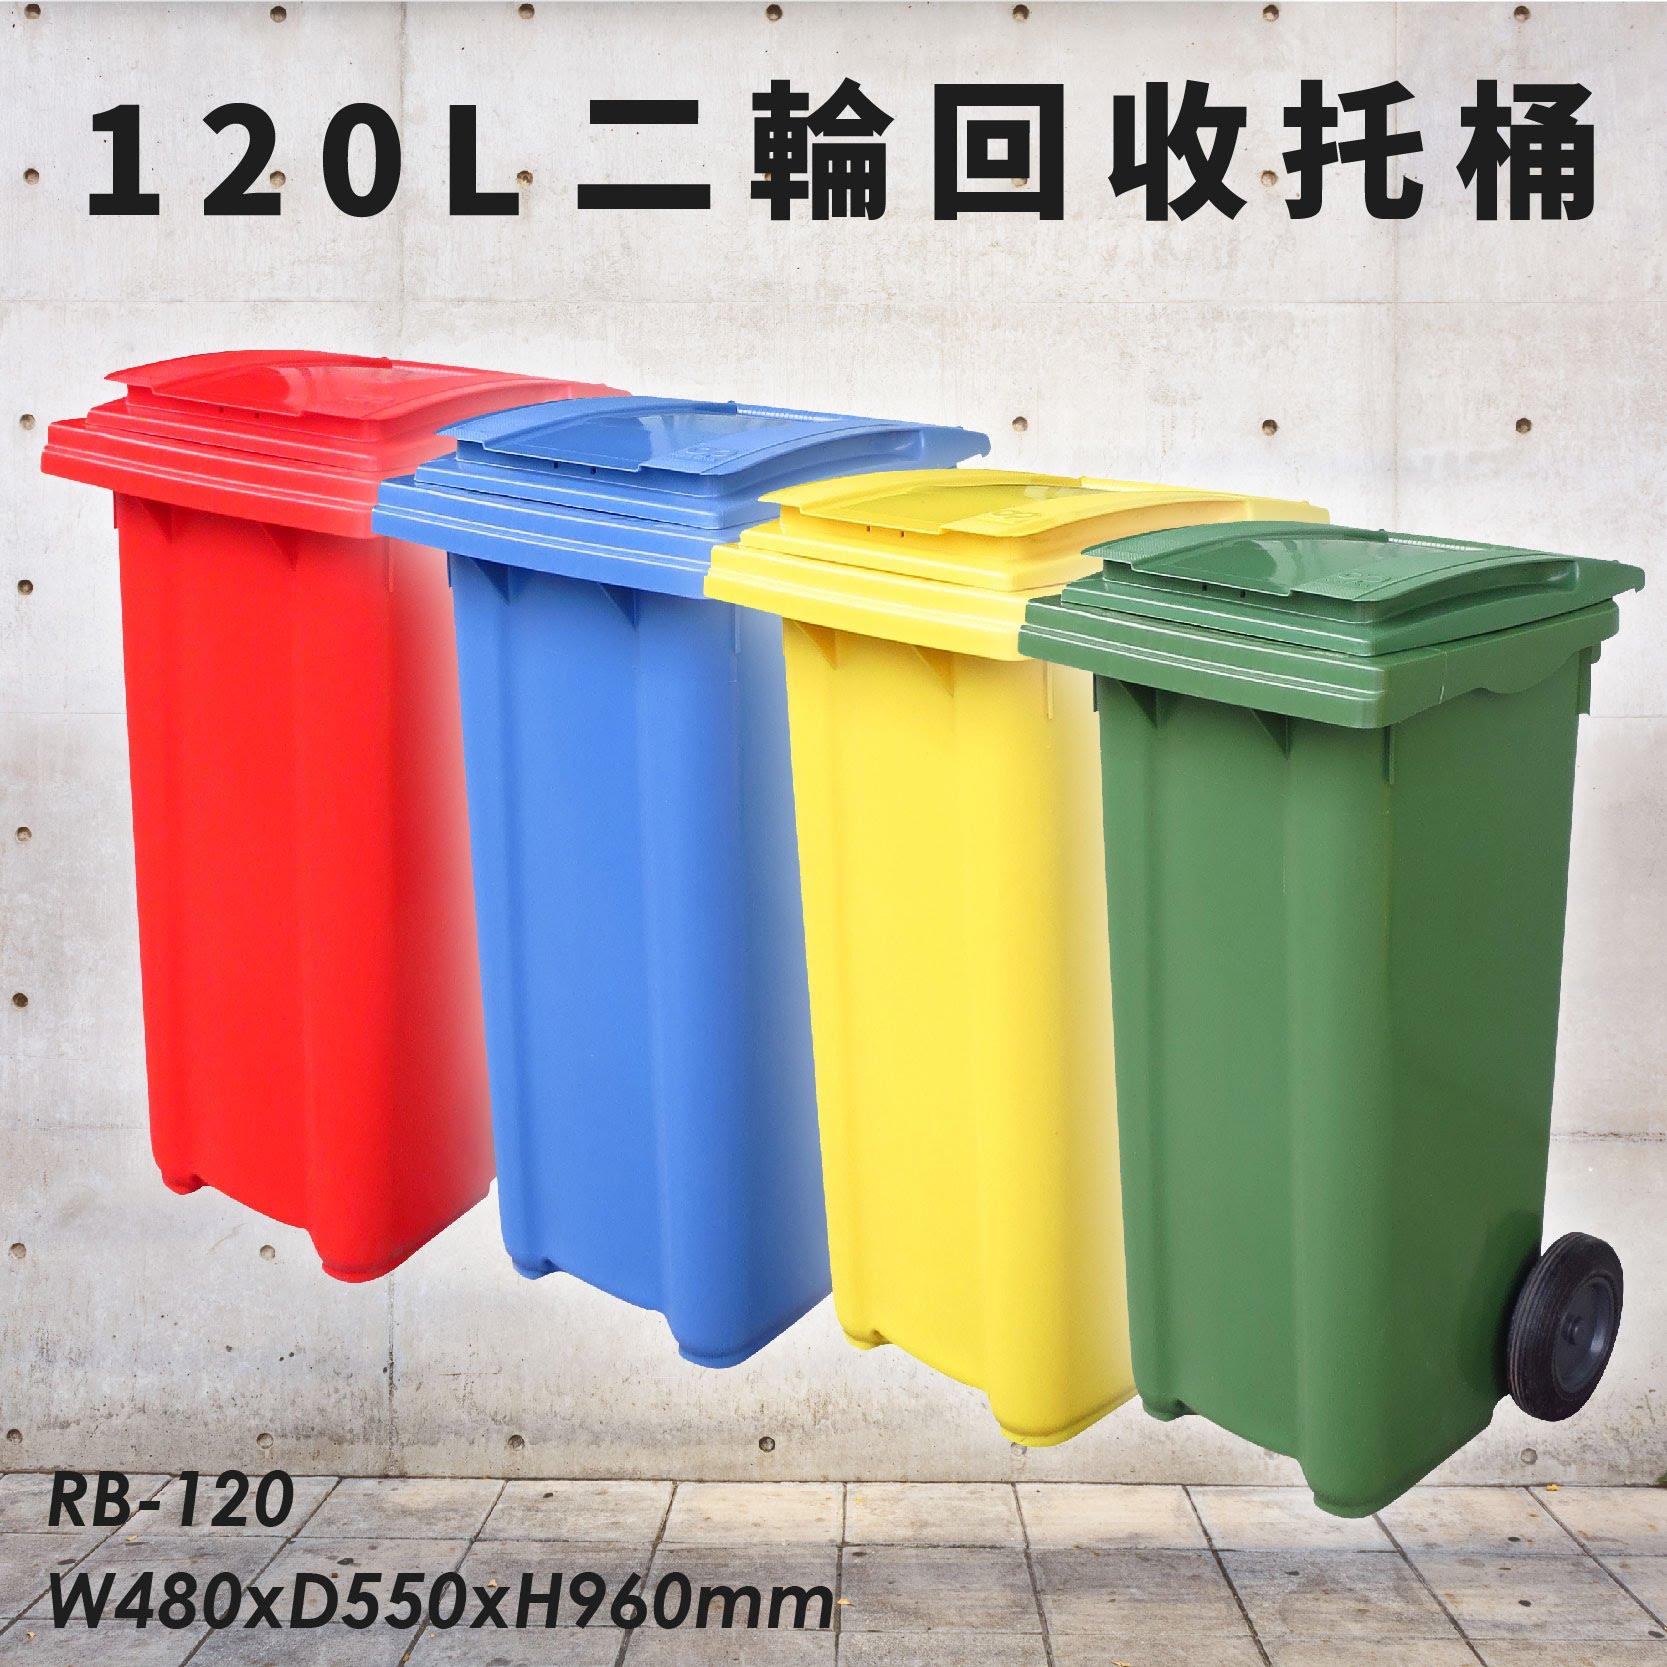 必購網 公共清潔➤RB-120 二輪回收托桶(120公升) 歐洲進口製造 垃圾桶 分類桶 資源回收桶 清潔車 垃圾子車 環保